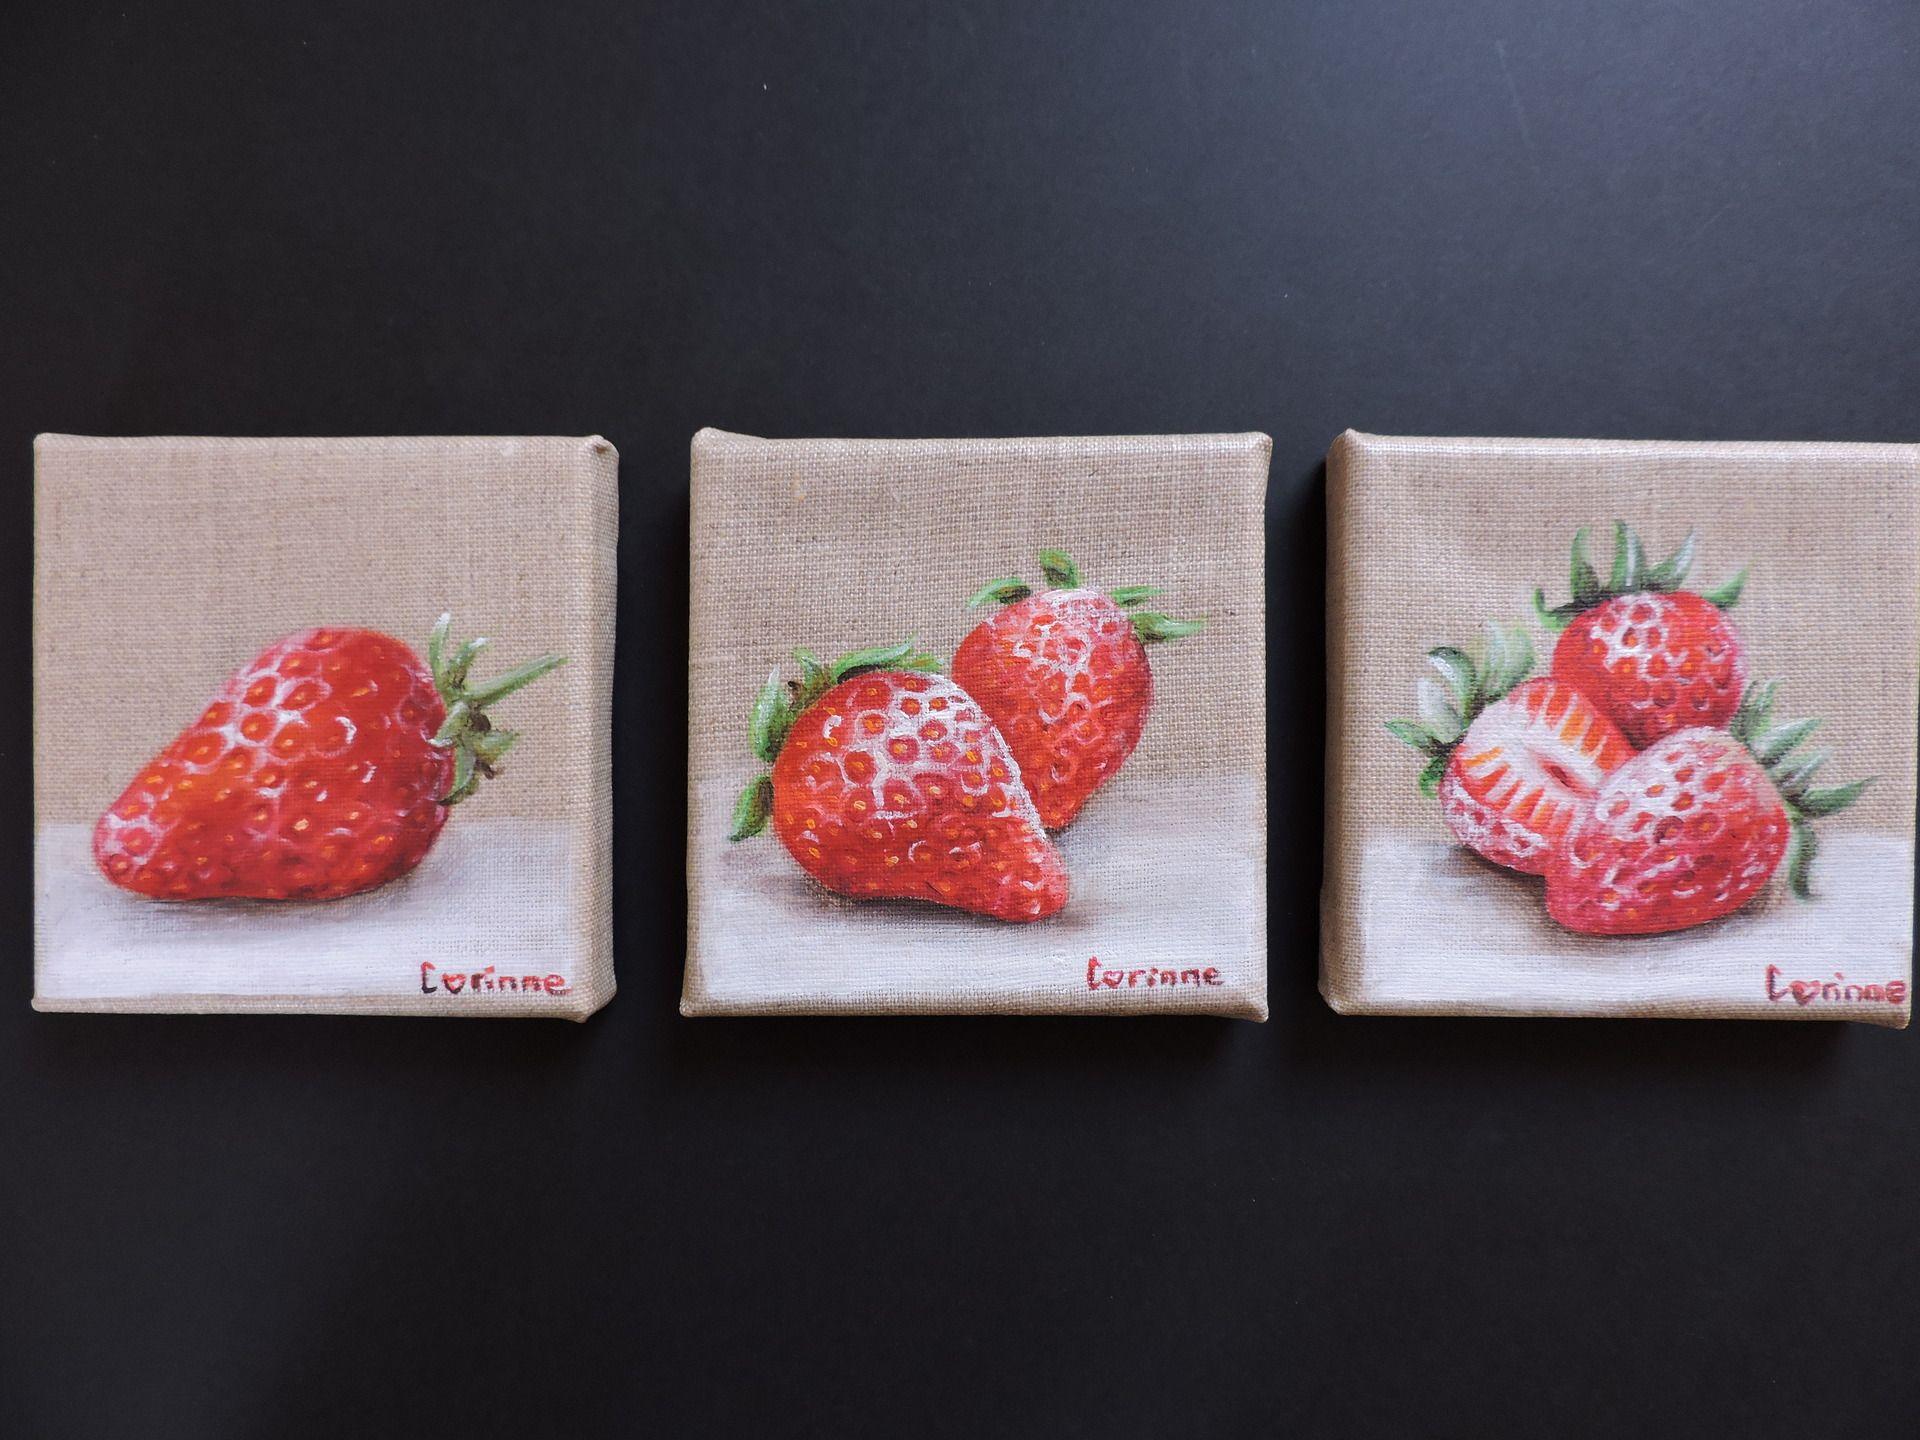 Lot de 3 minis toiles 39 39 fraises 39 39 peinture acrylique for Peinture lin naturel